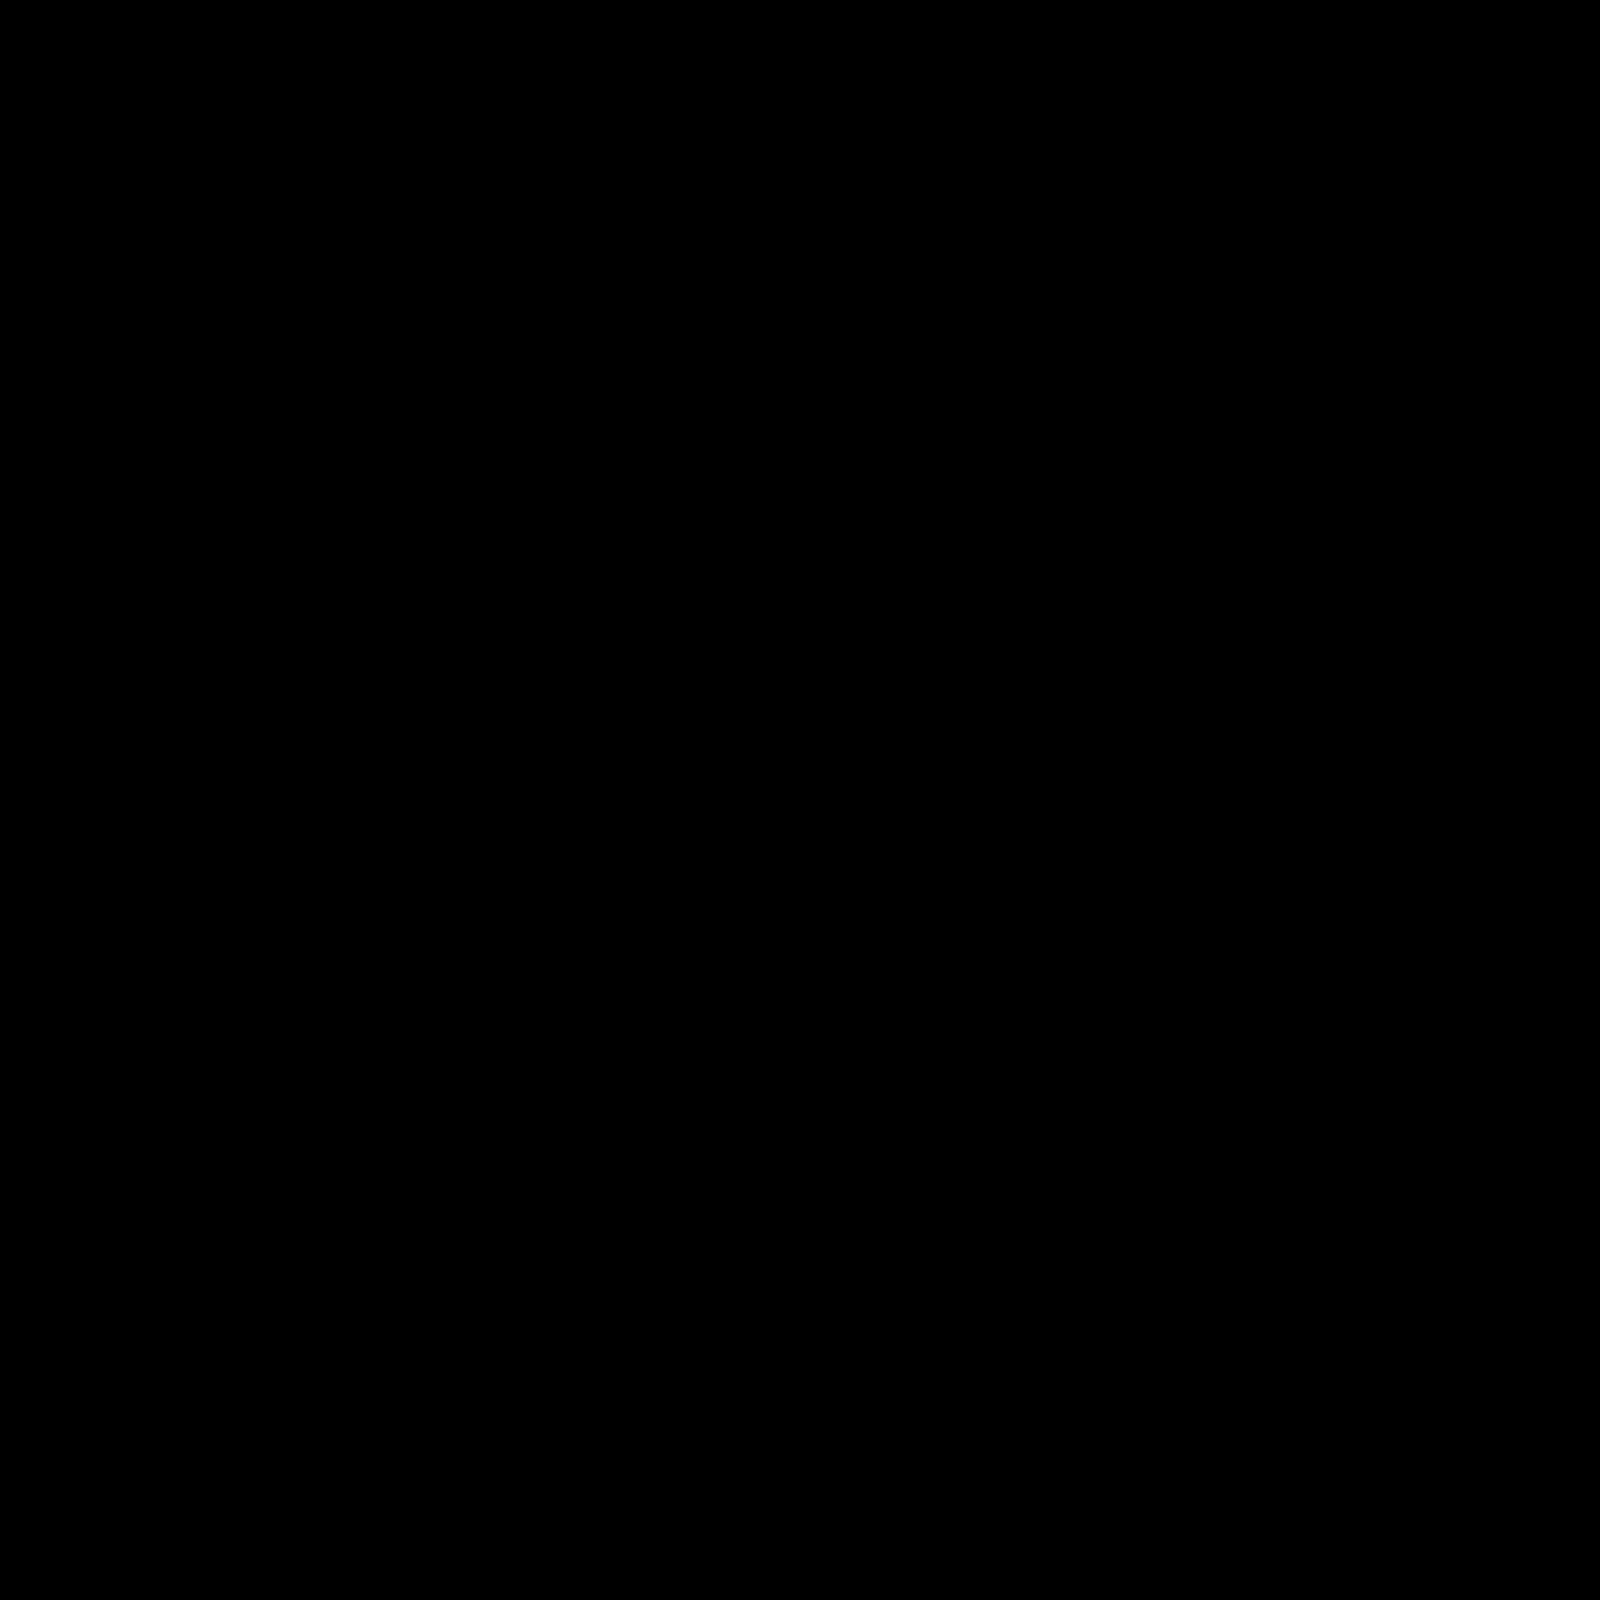 1600x1600 Database Icon